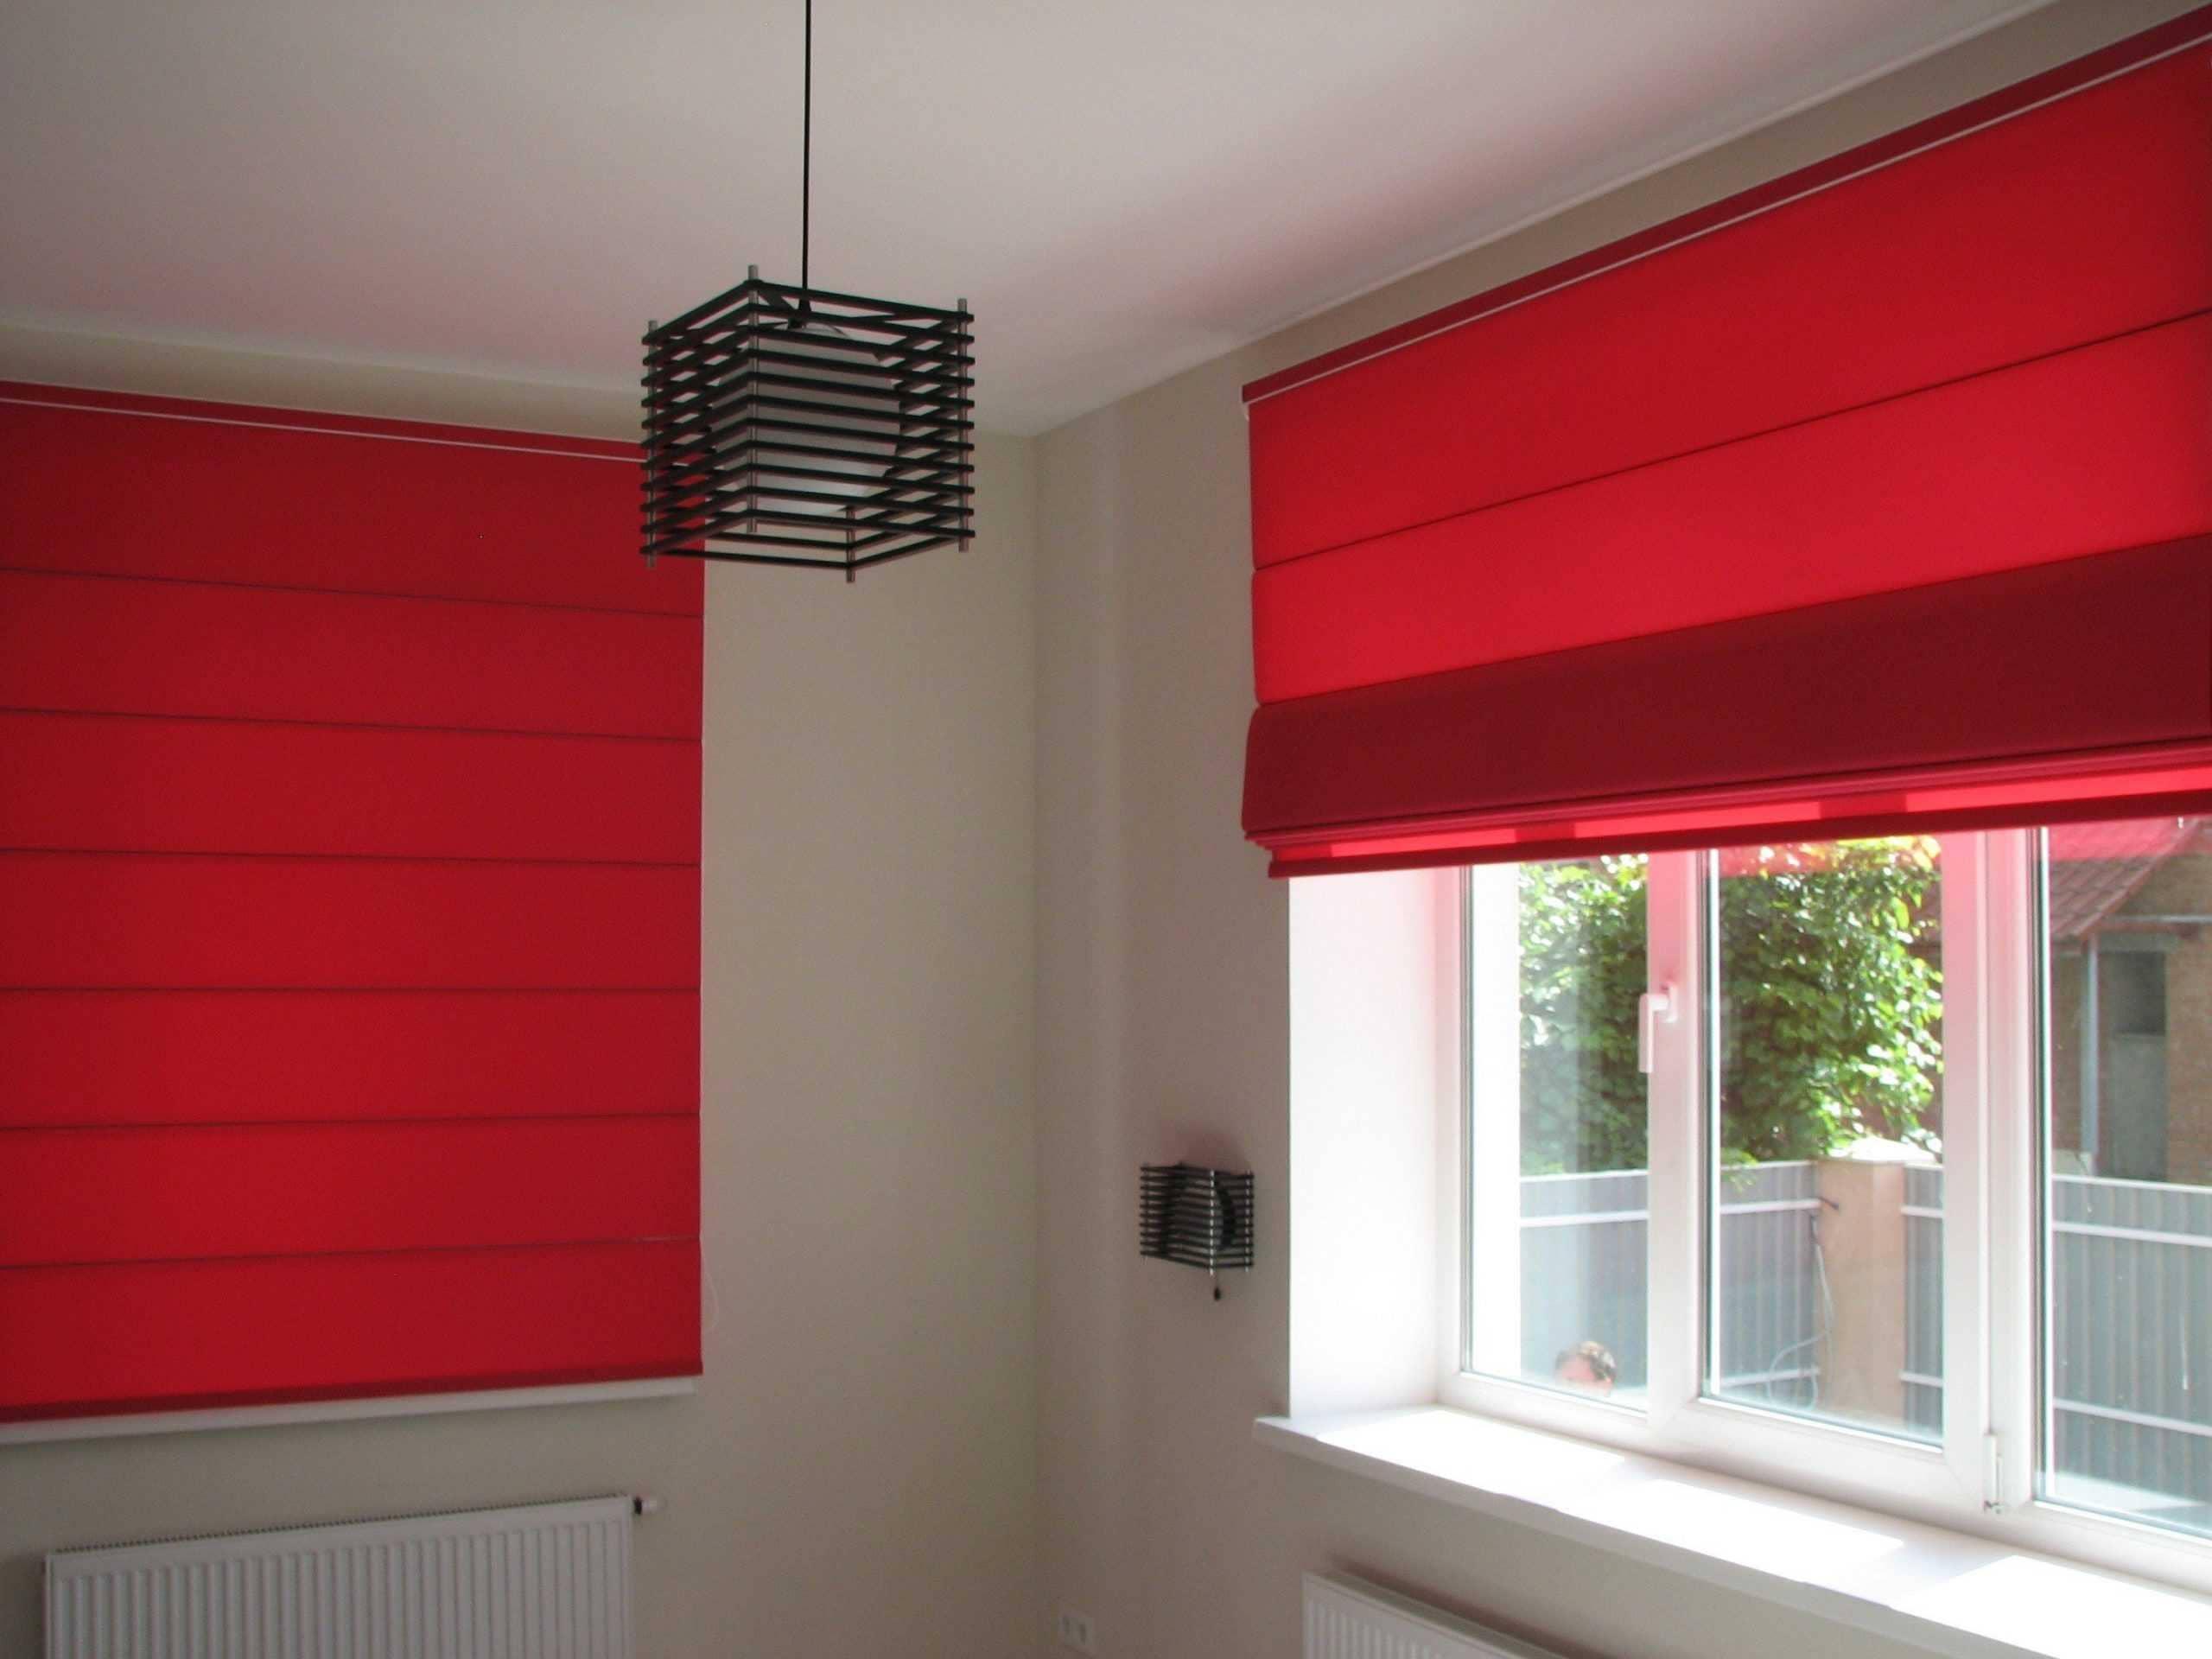 Рулонные шторы - плюсы и минусы установки, выбор материалов 022